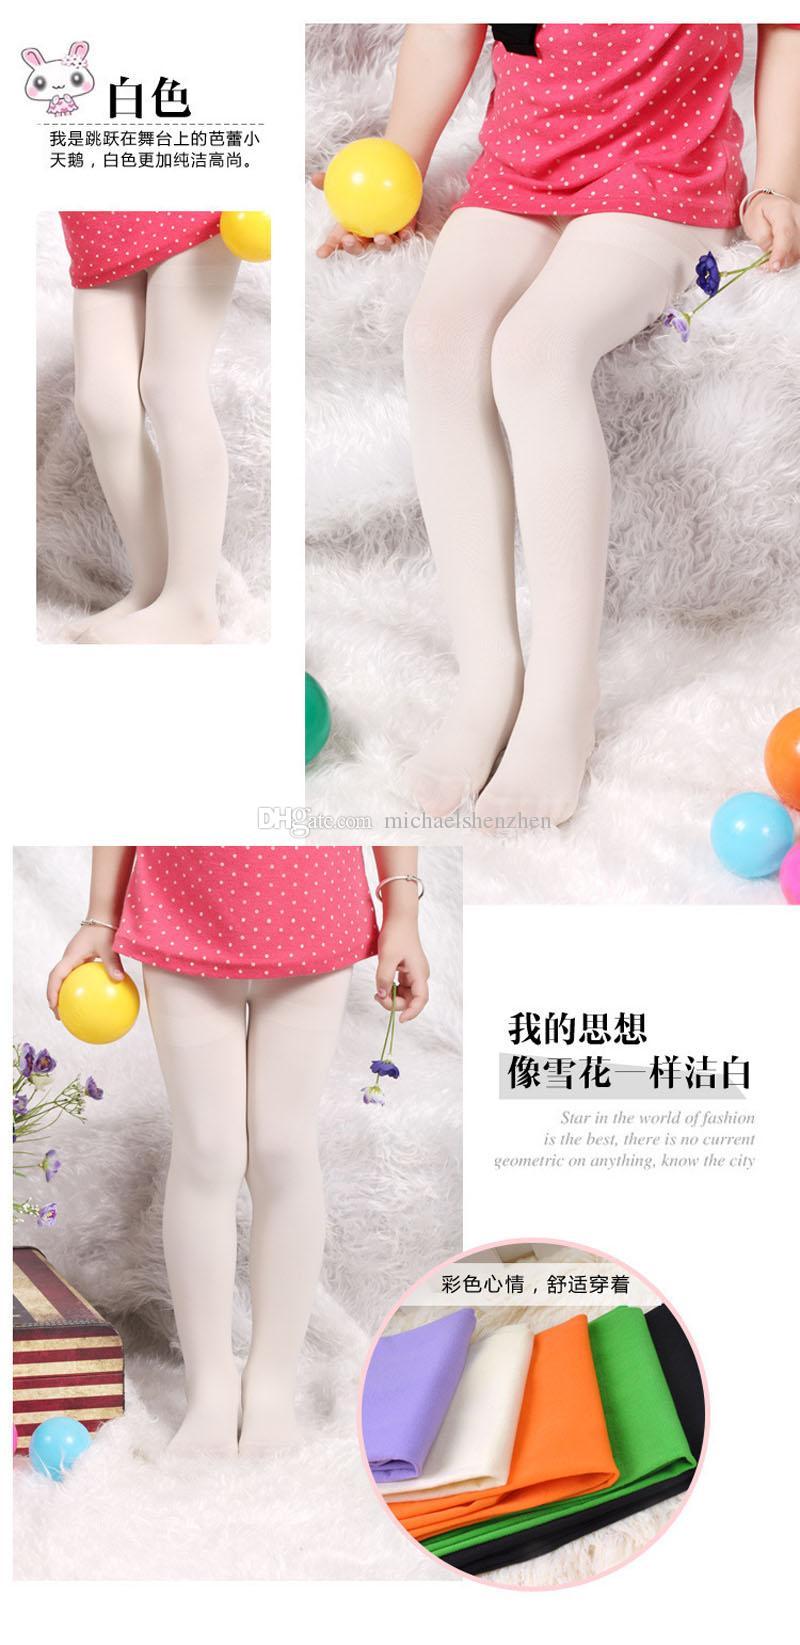 الأطفال طماق الجوارب سروال نحيل ملابس الأطفال أزياء حلوى لون اللباس الداخلي بنطلون طويل أطفال السراويل البنات الجوارب 14 لون B001